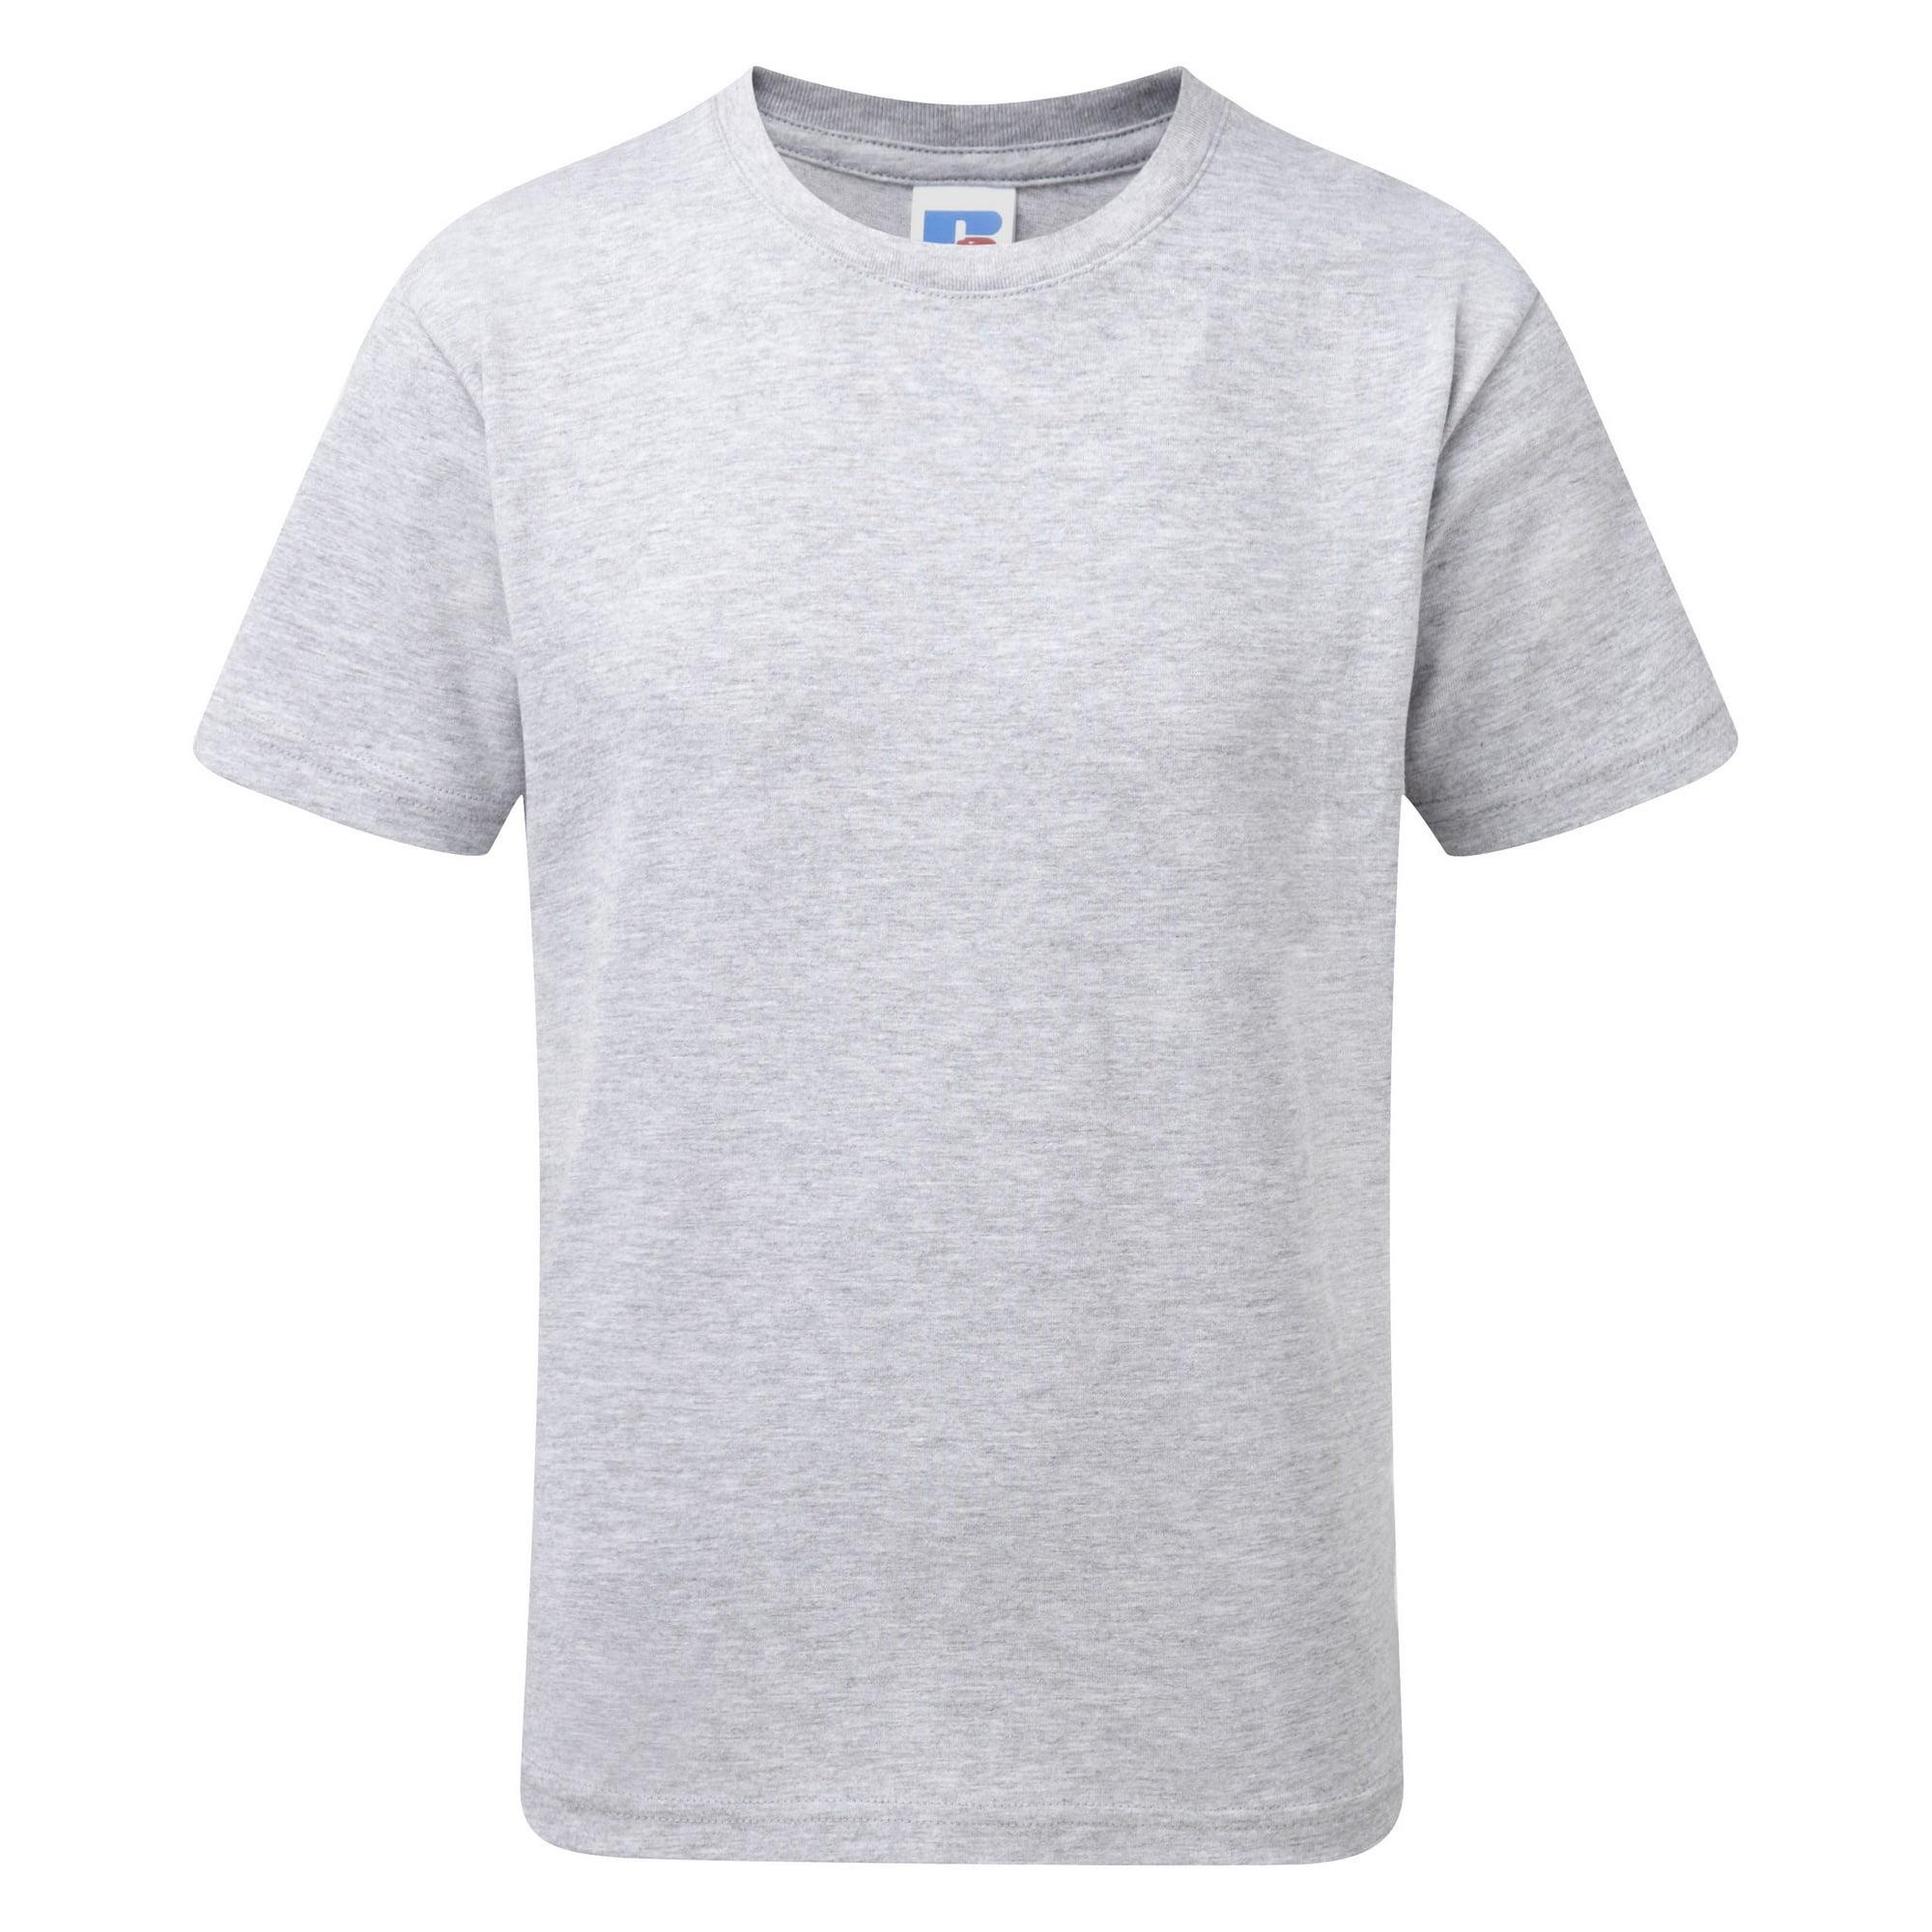 Gar/çon T-Shirt /à Manches Courtes Jerzees Schoolgear